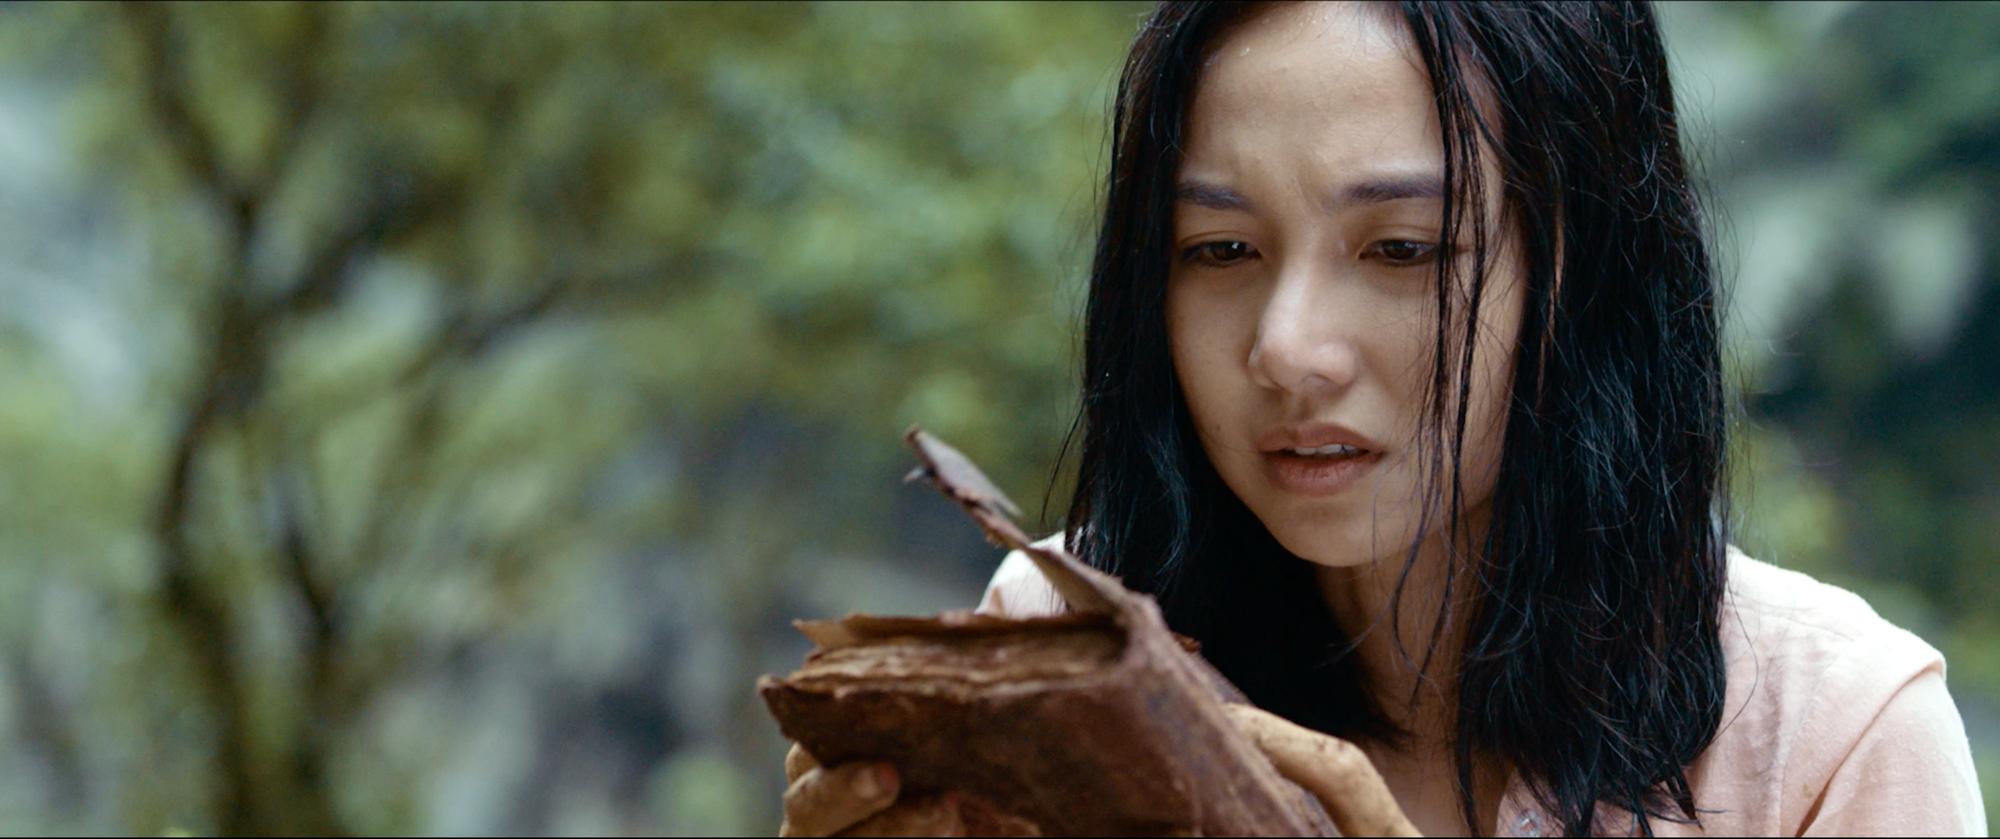 Ả đào Jun Vũ hứa hẹn lột xác bằng cảnh nóng với Quách Ngọc Ngoan trong Người Bất Tử - Ảnh 2.